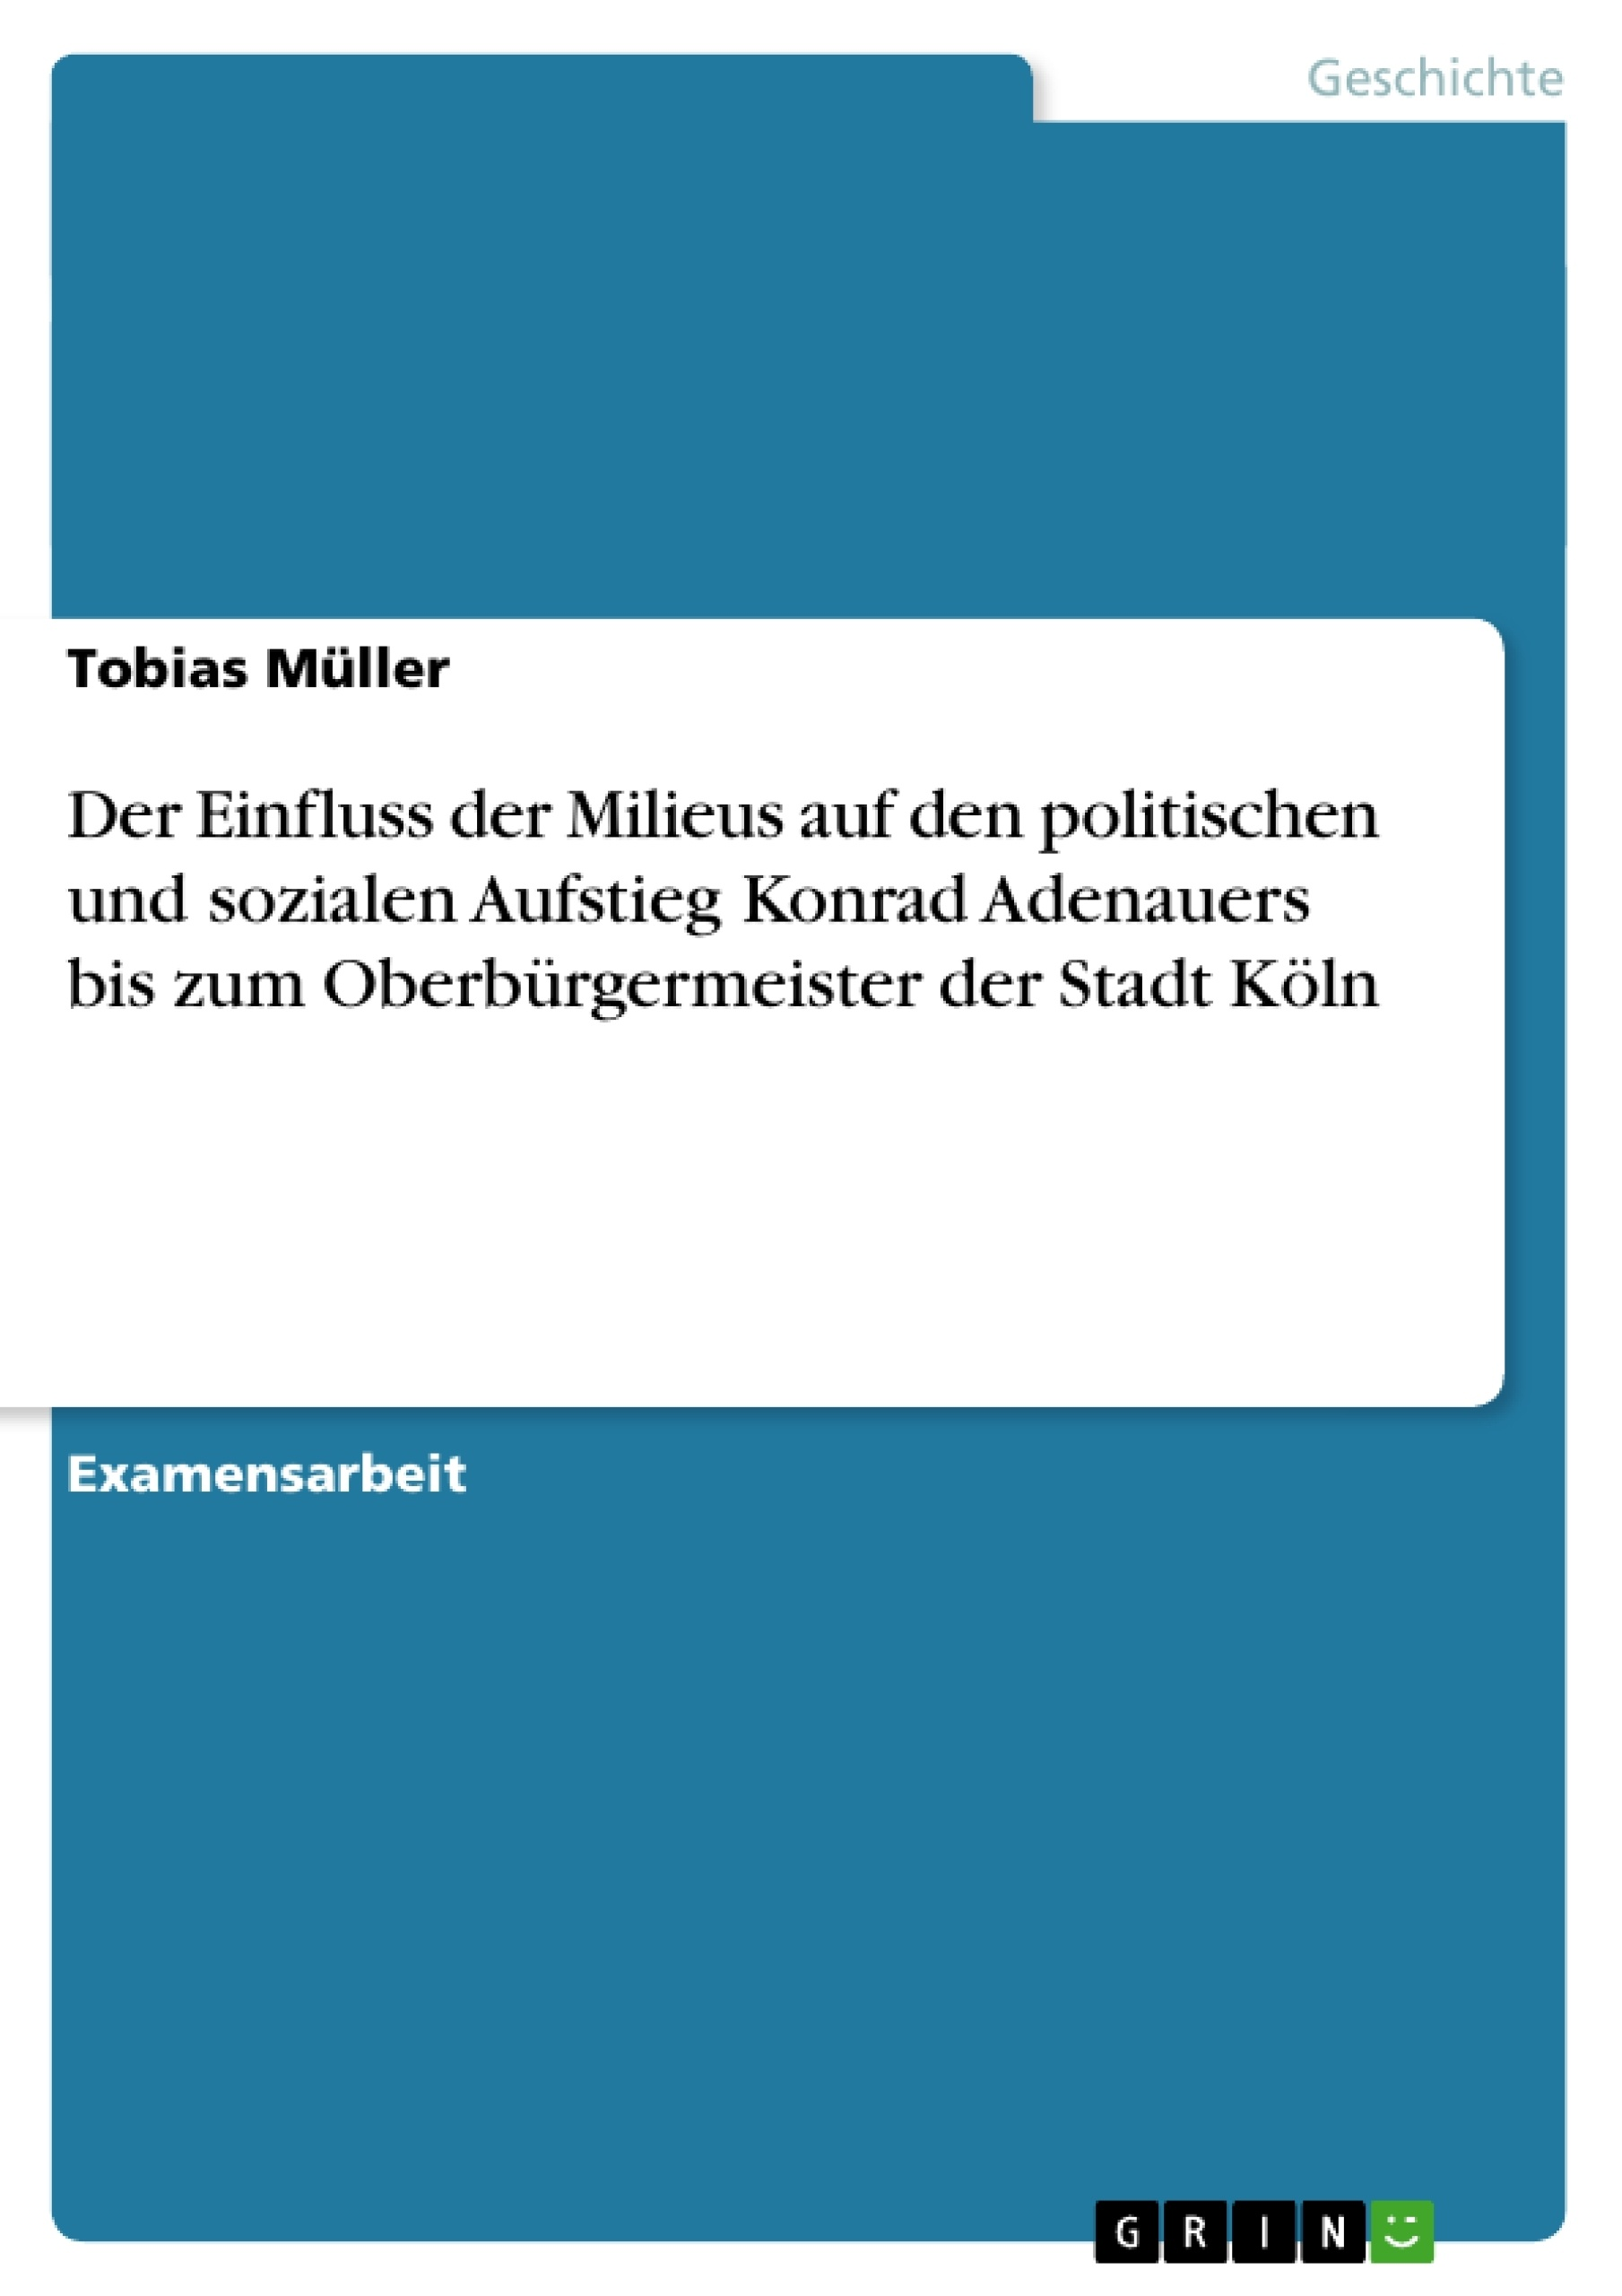 Titel: Der Einfluss der Milieus auf den politischen und sozialen Aufstieg Konrad Adenauers  bis zum Oberbürgermeister der Stadt Köln